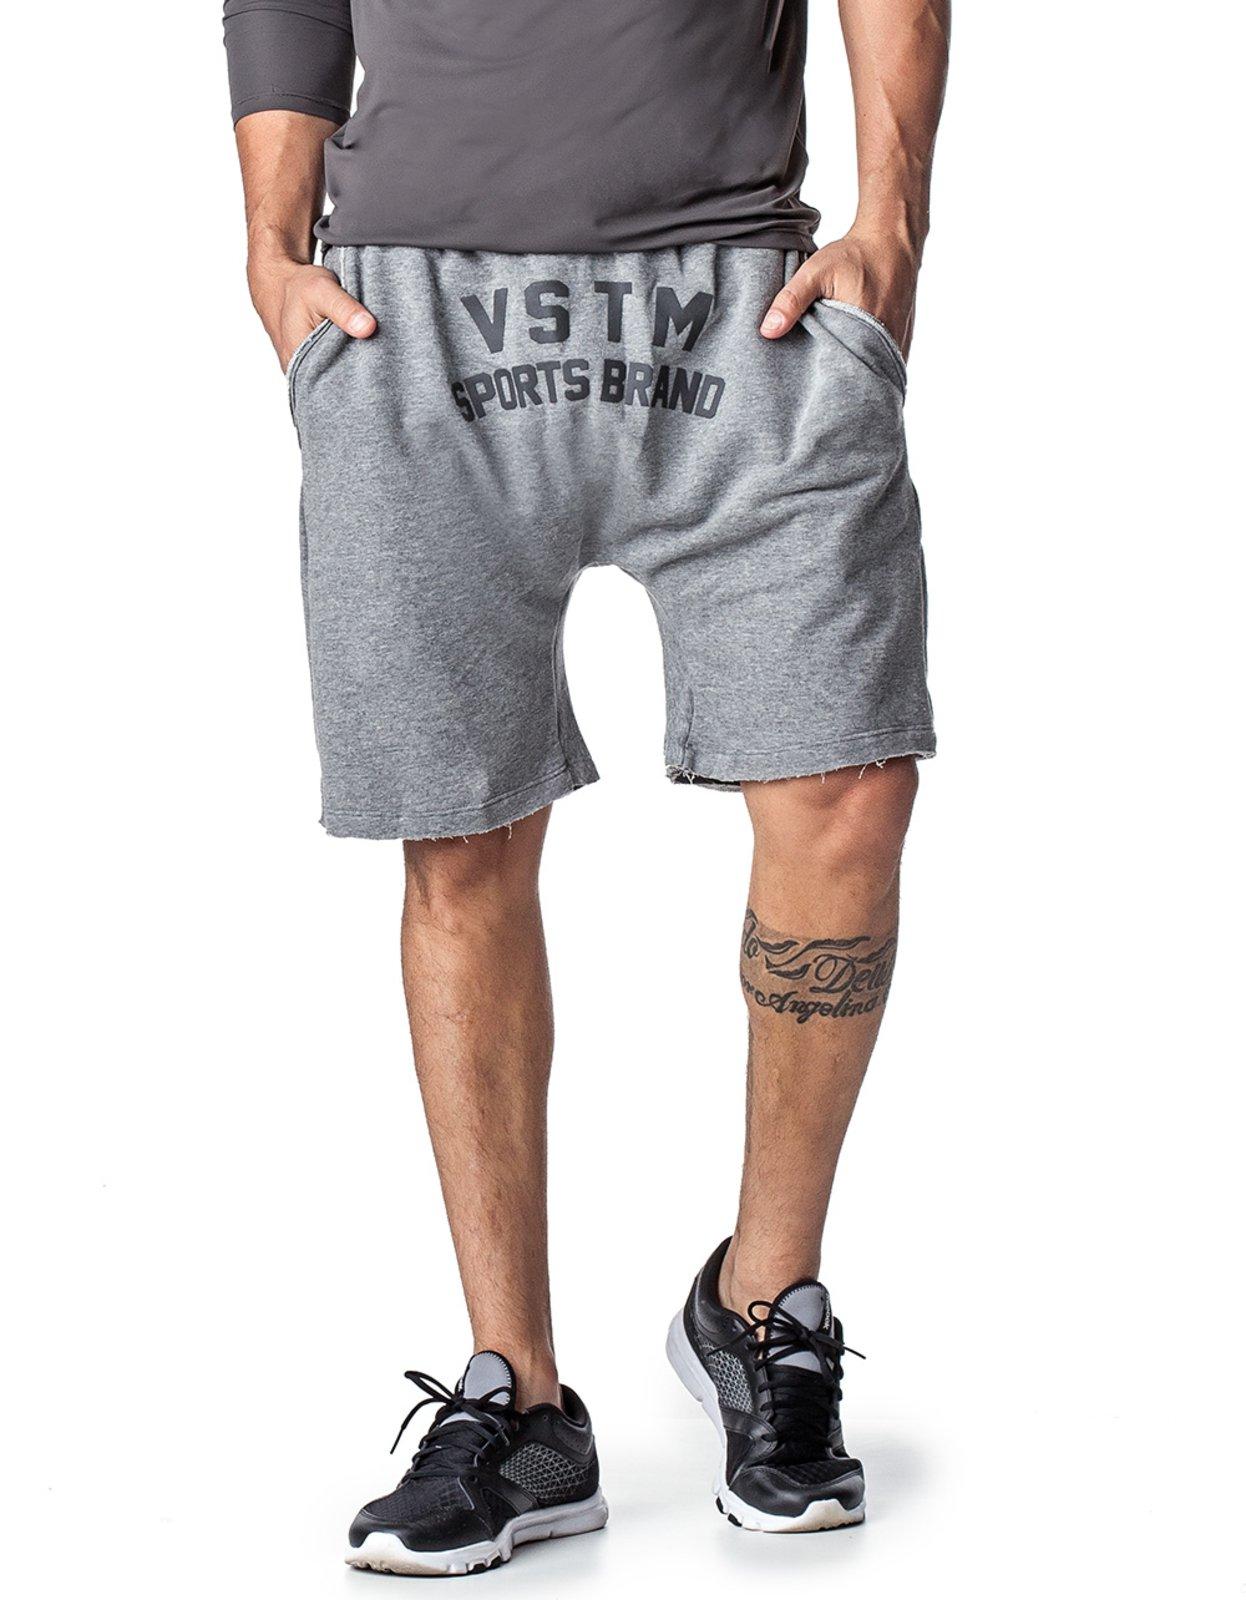 Bermuda saruel masculina jpg 1246x1600 Bermuda jeans saruel masculina a114bf60ec1